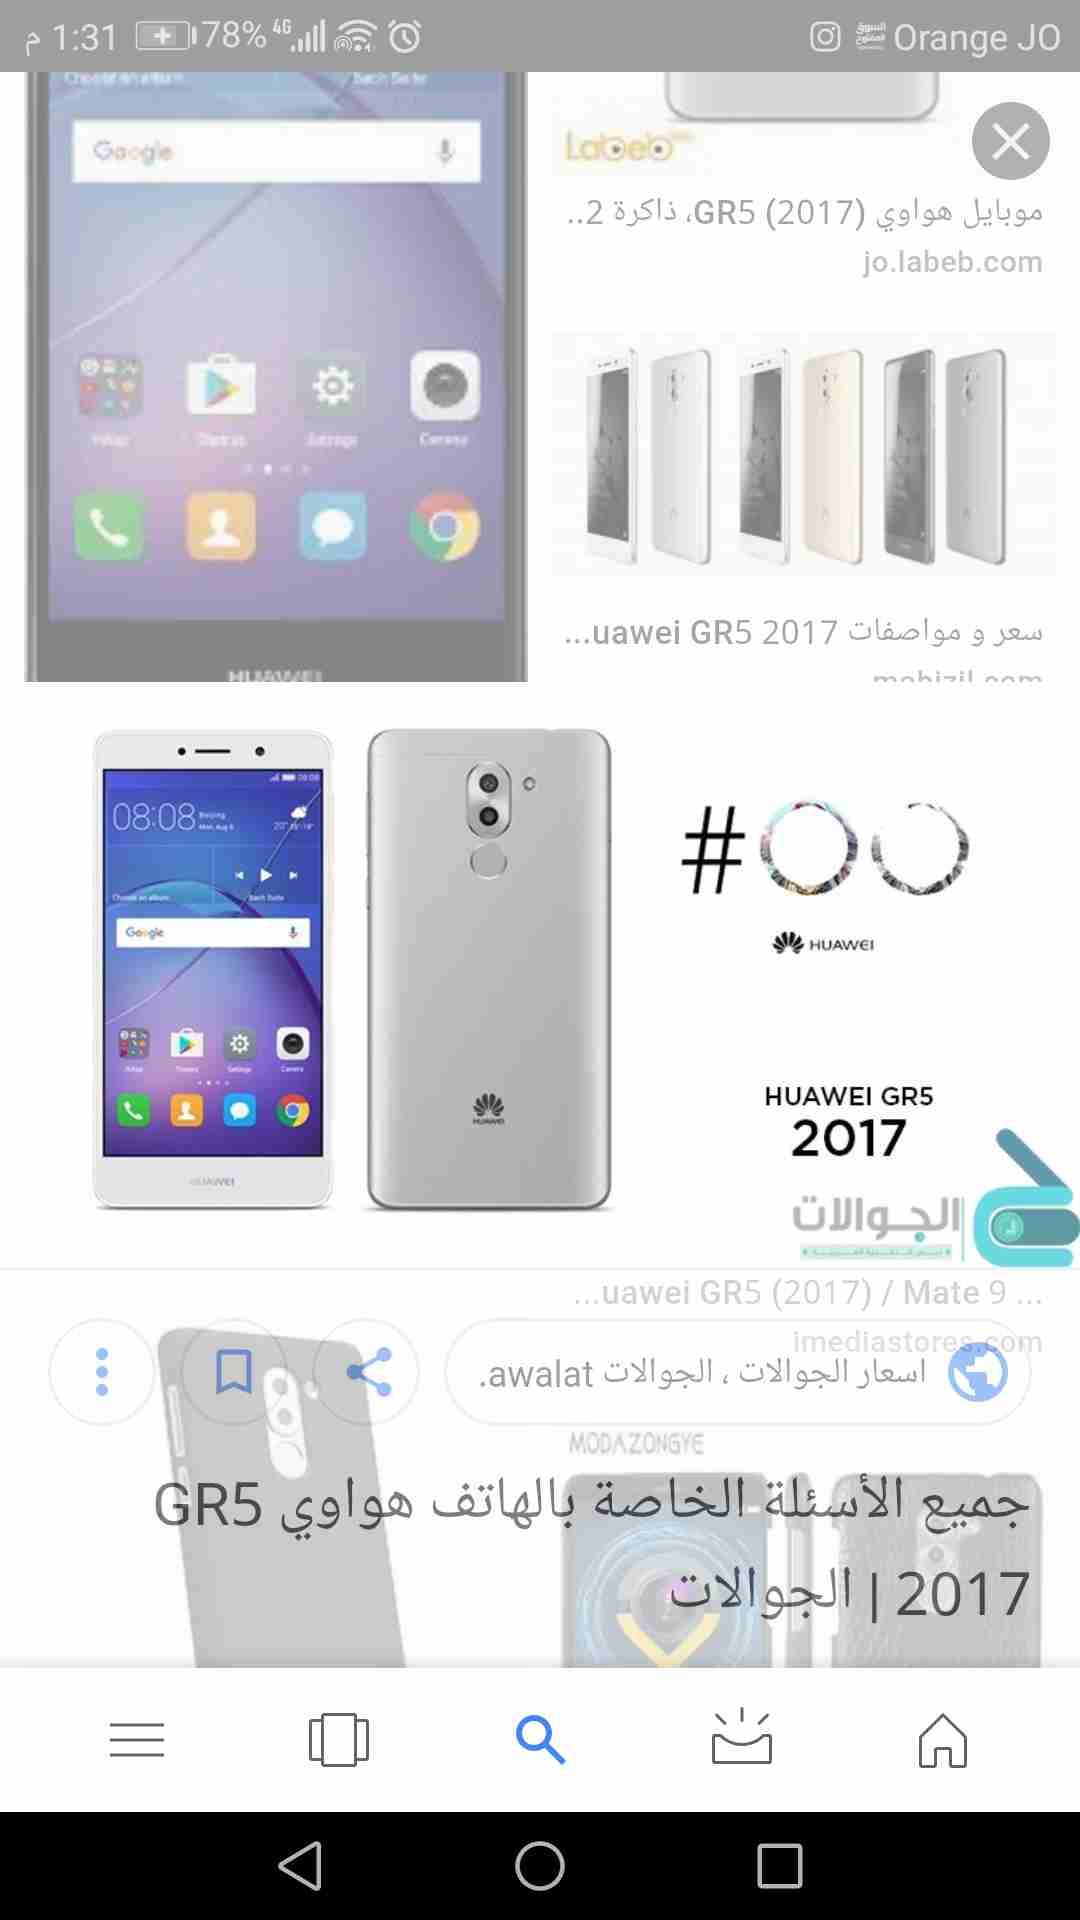 للبيع ايفون 7 مستعمل شهر-  gr5 2017 بحال الوكاله كل...